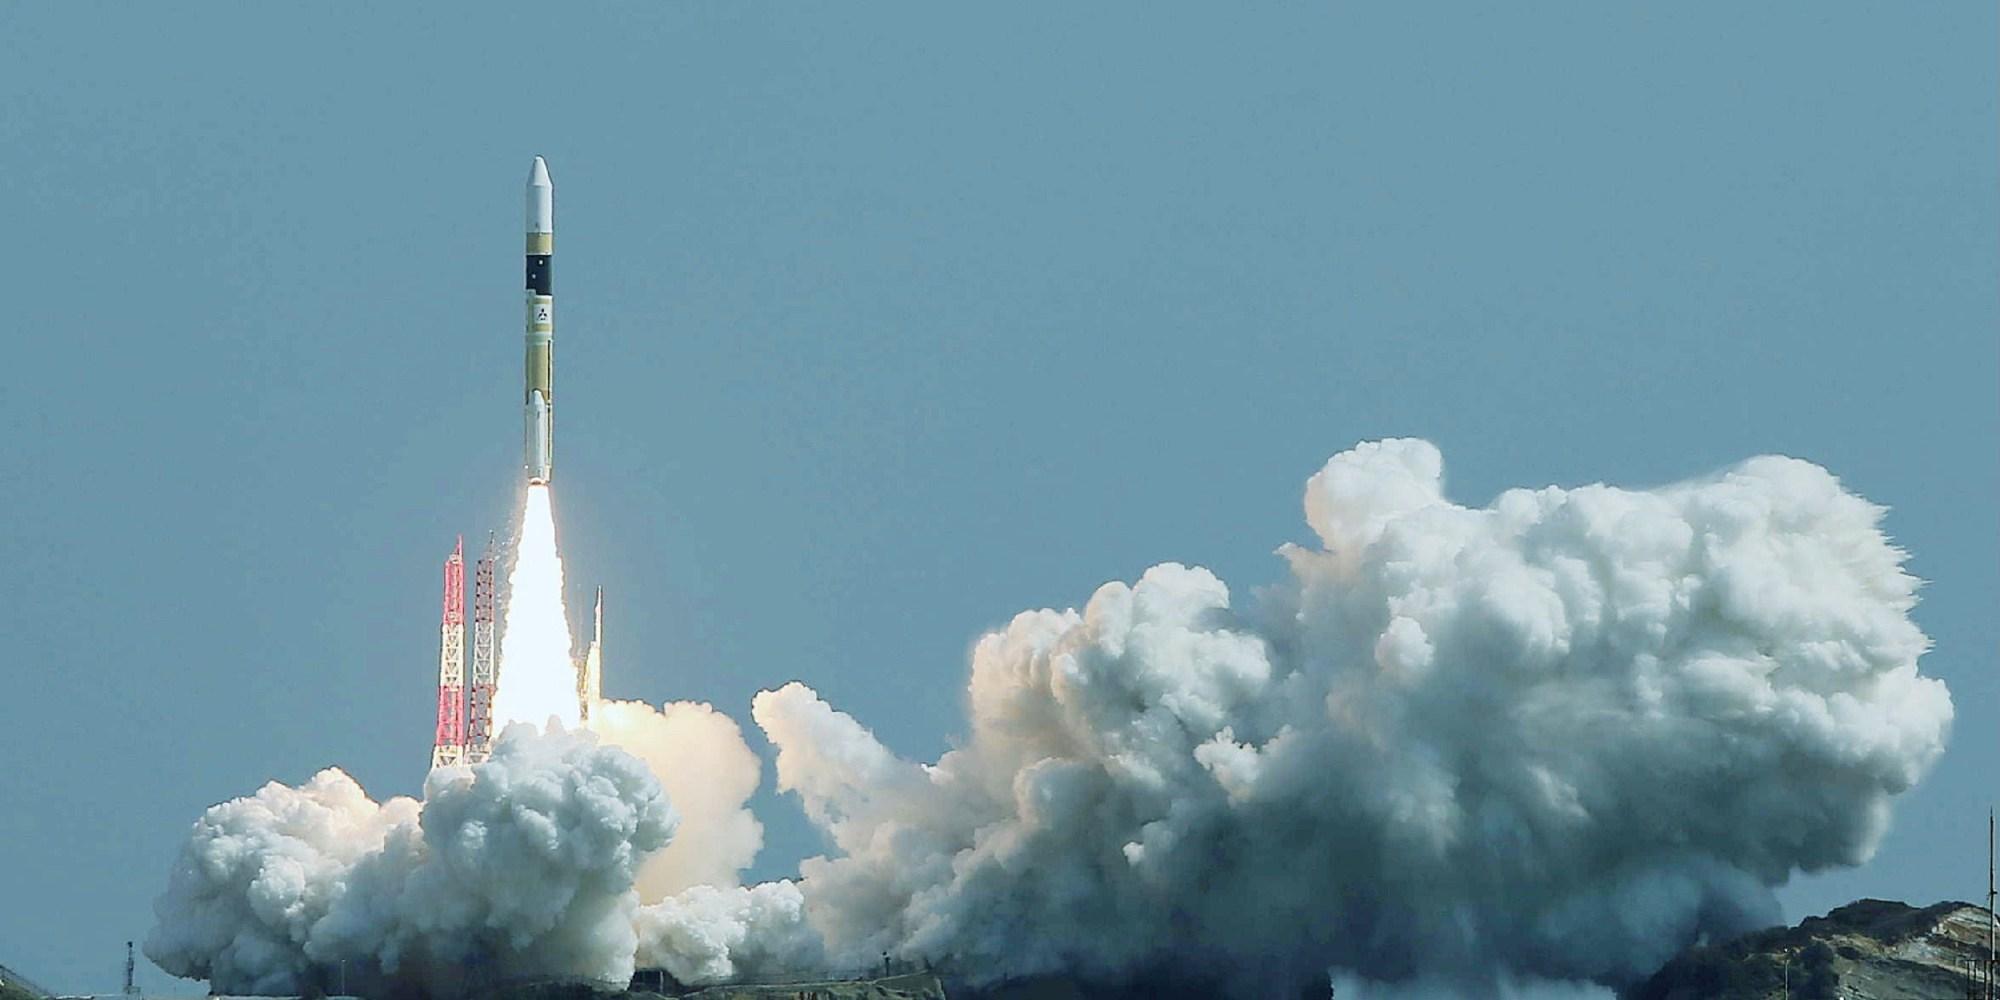 تاريخ اطلاق القمر الصناعي كوزموس -1402